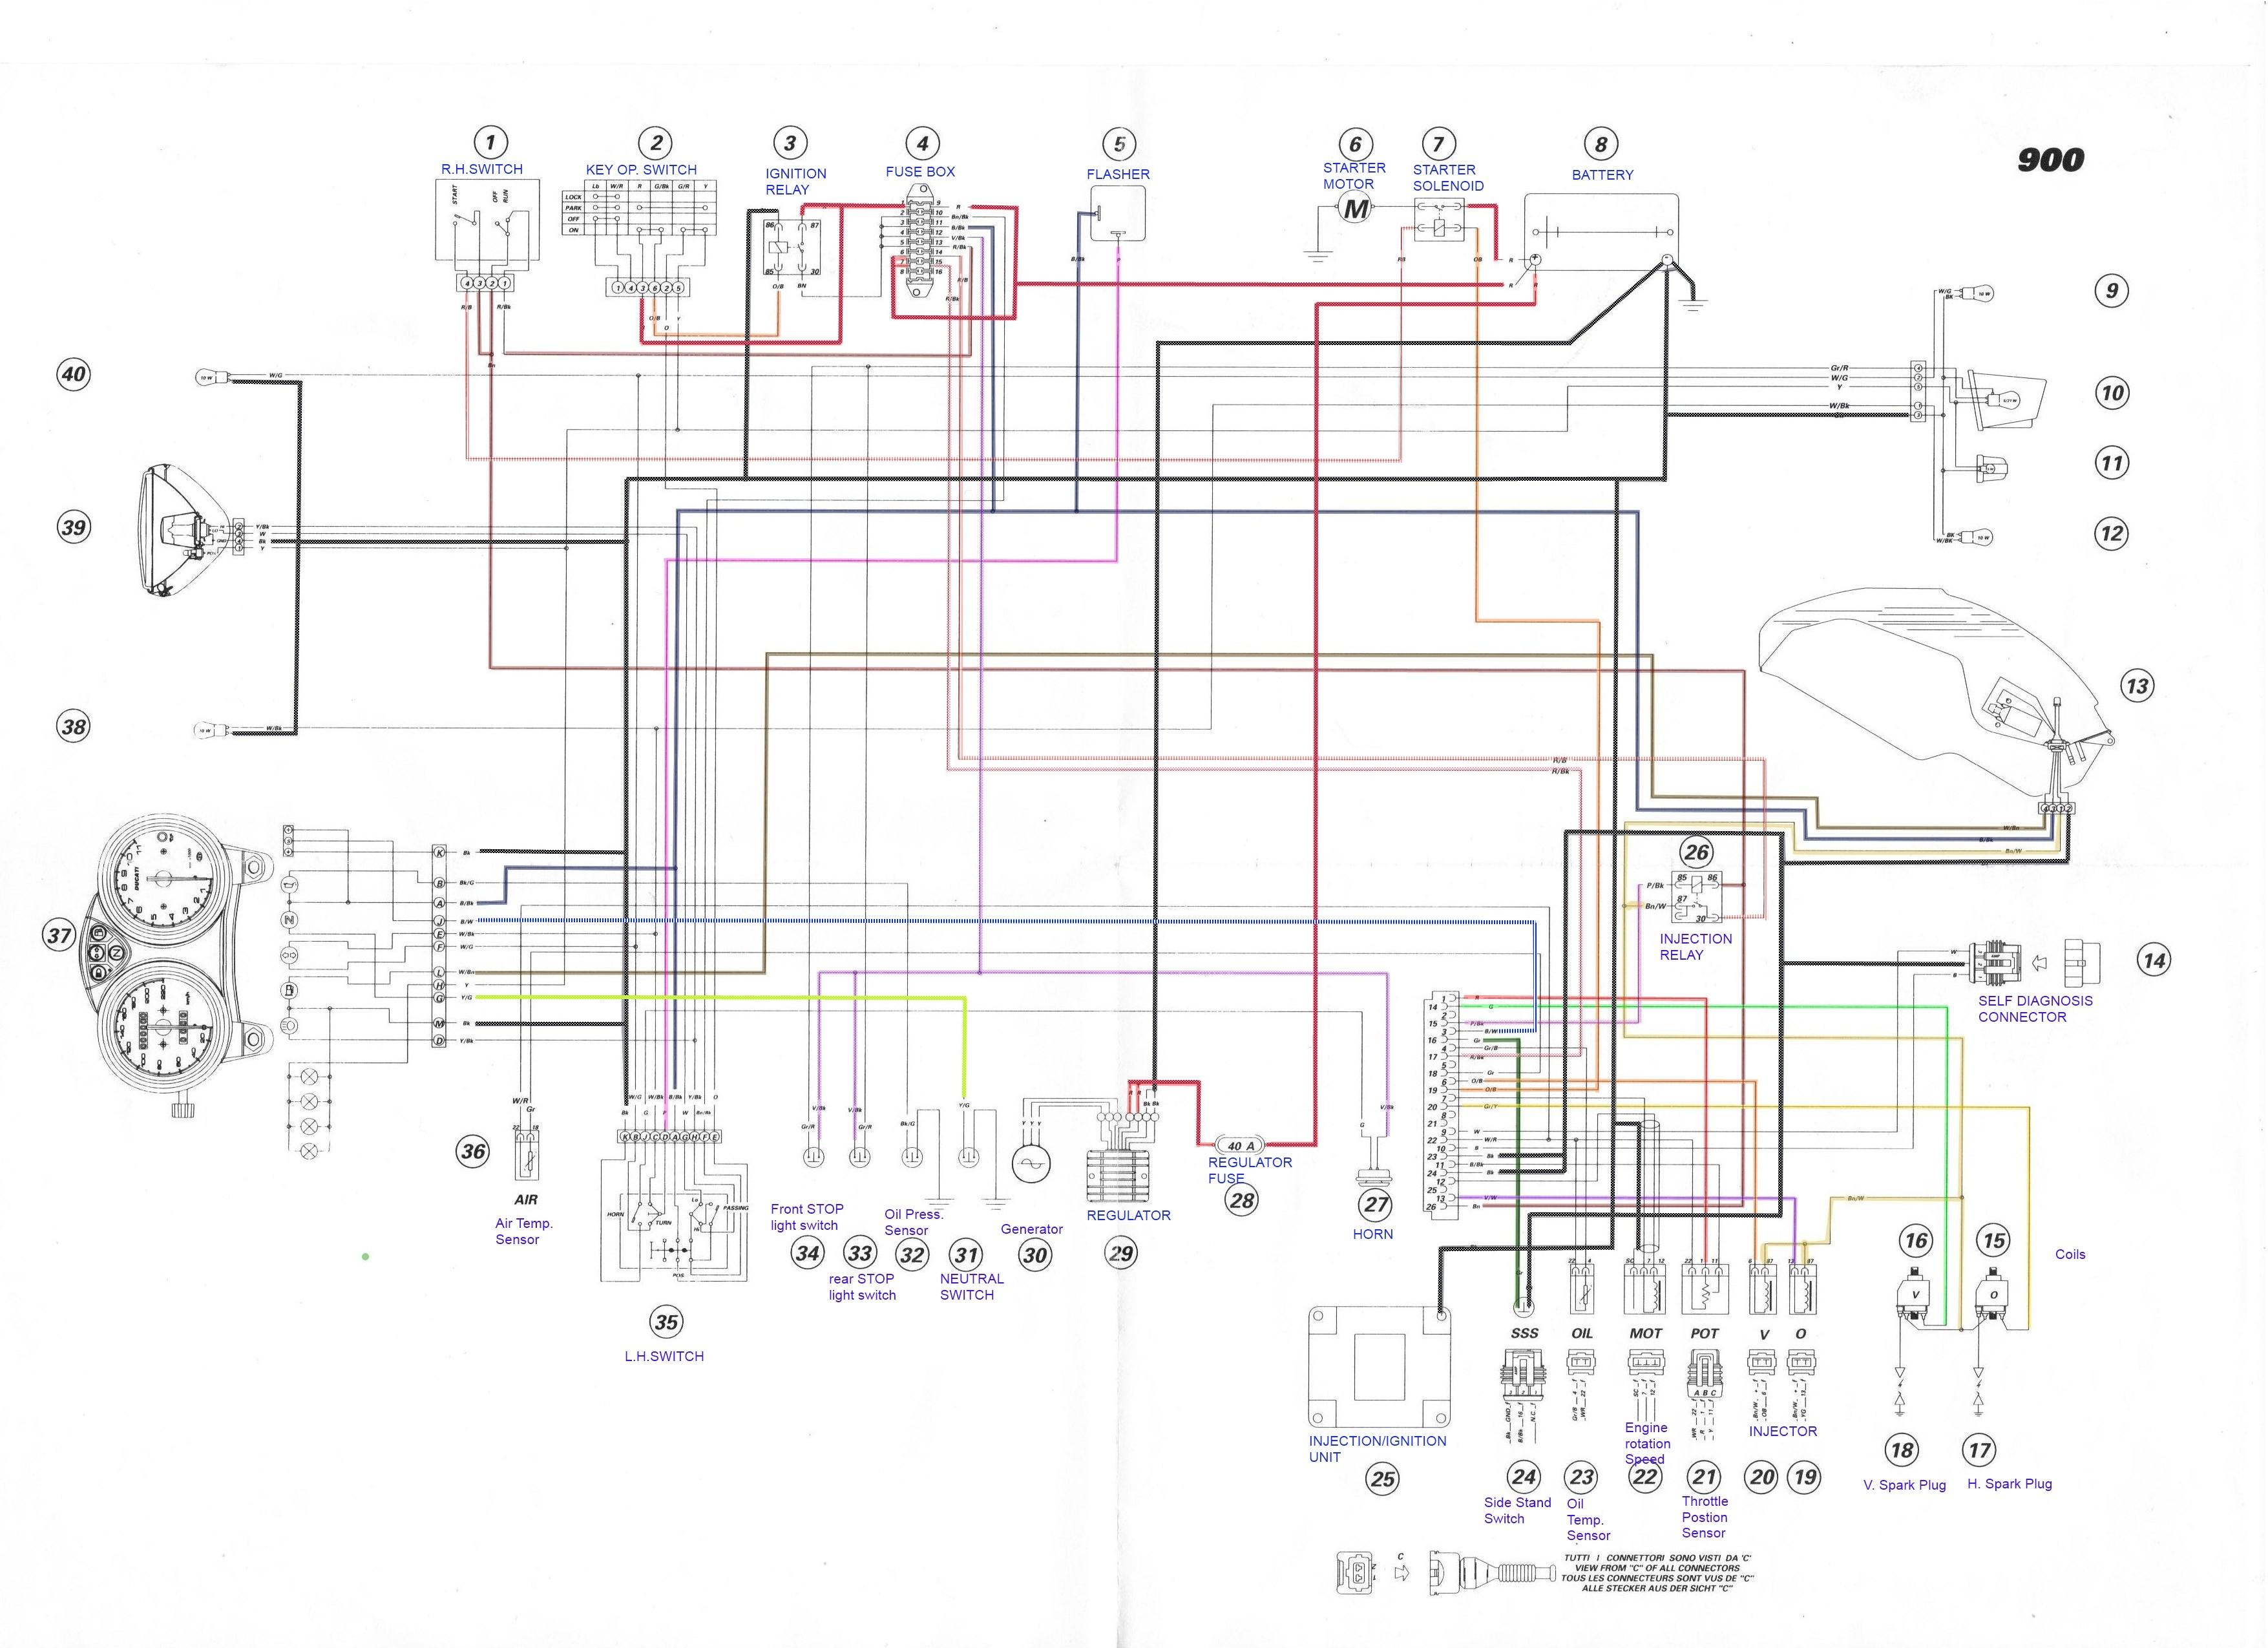 Wiring Diagram Wrg 3746 2003 Gsxr 1000 Wiring Diagram